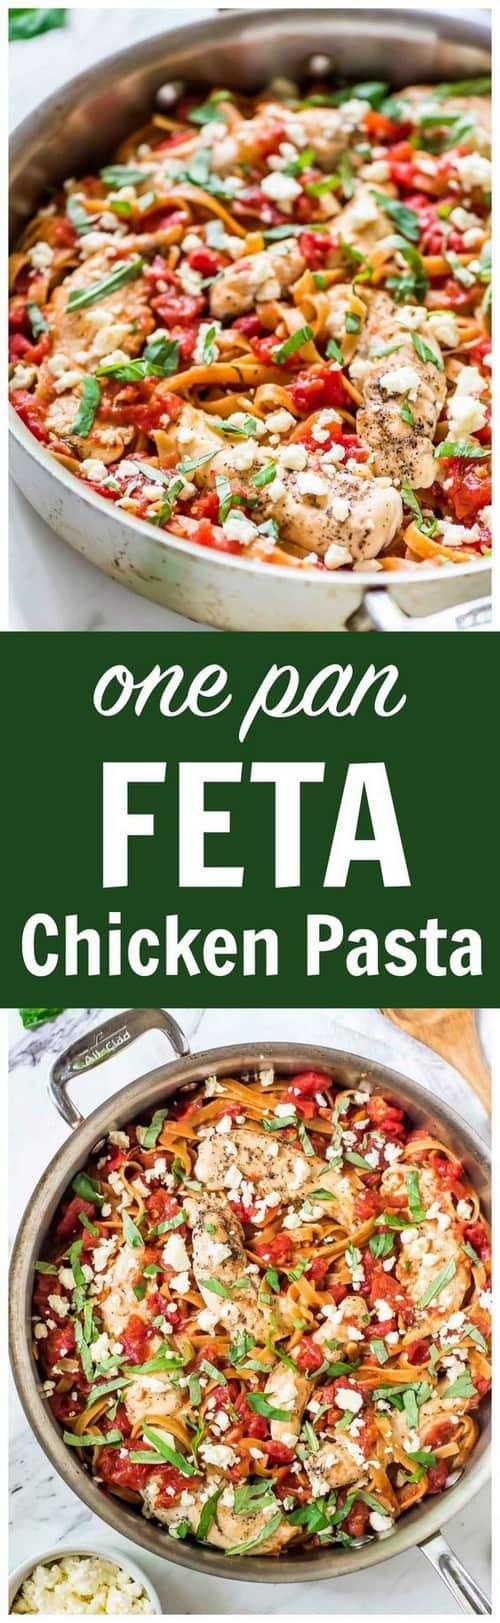 Mediterranean One-Pan Feta Chicken Pasta